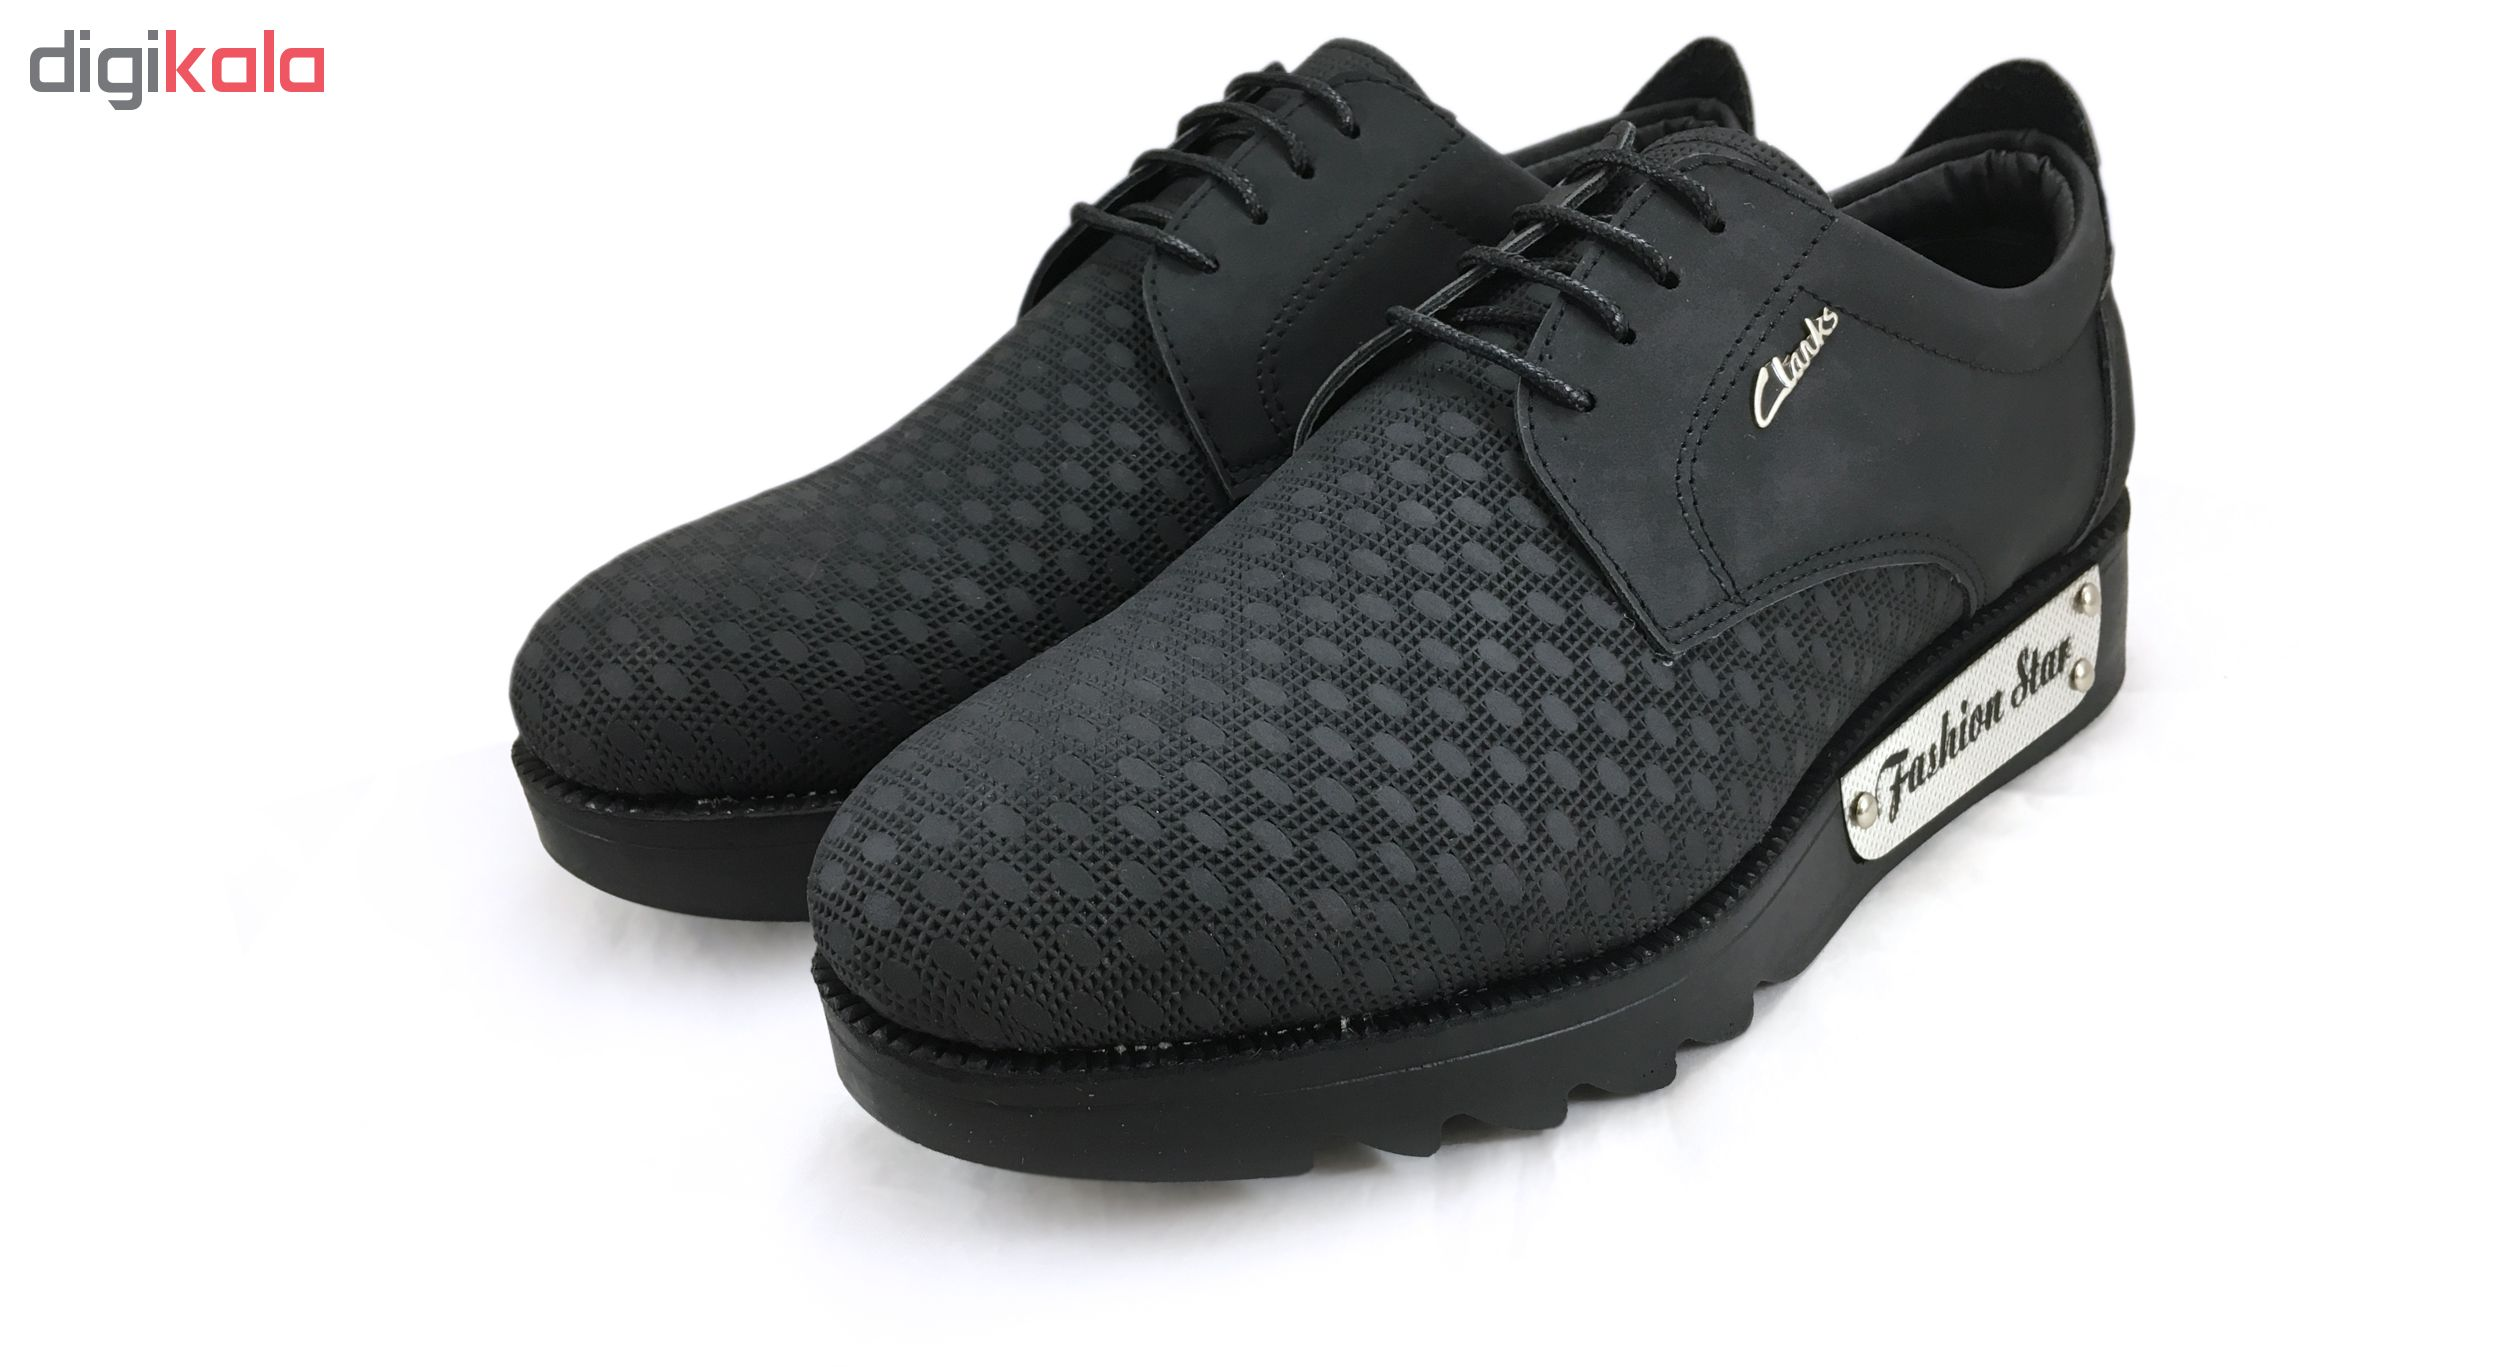 کفش مردانه فشن استار مدل فیلیپس کد 3101